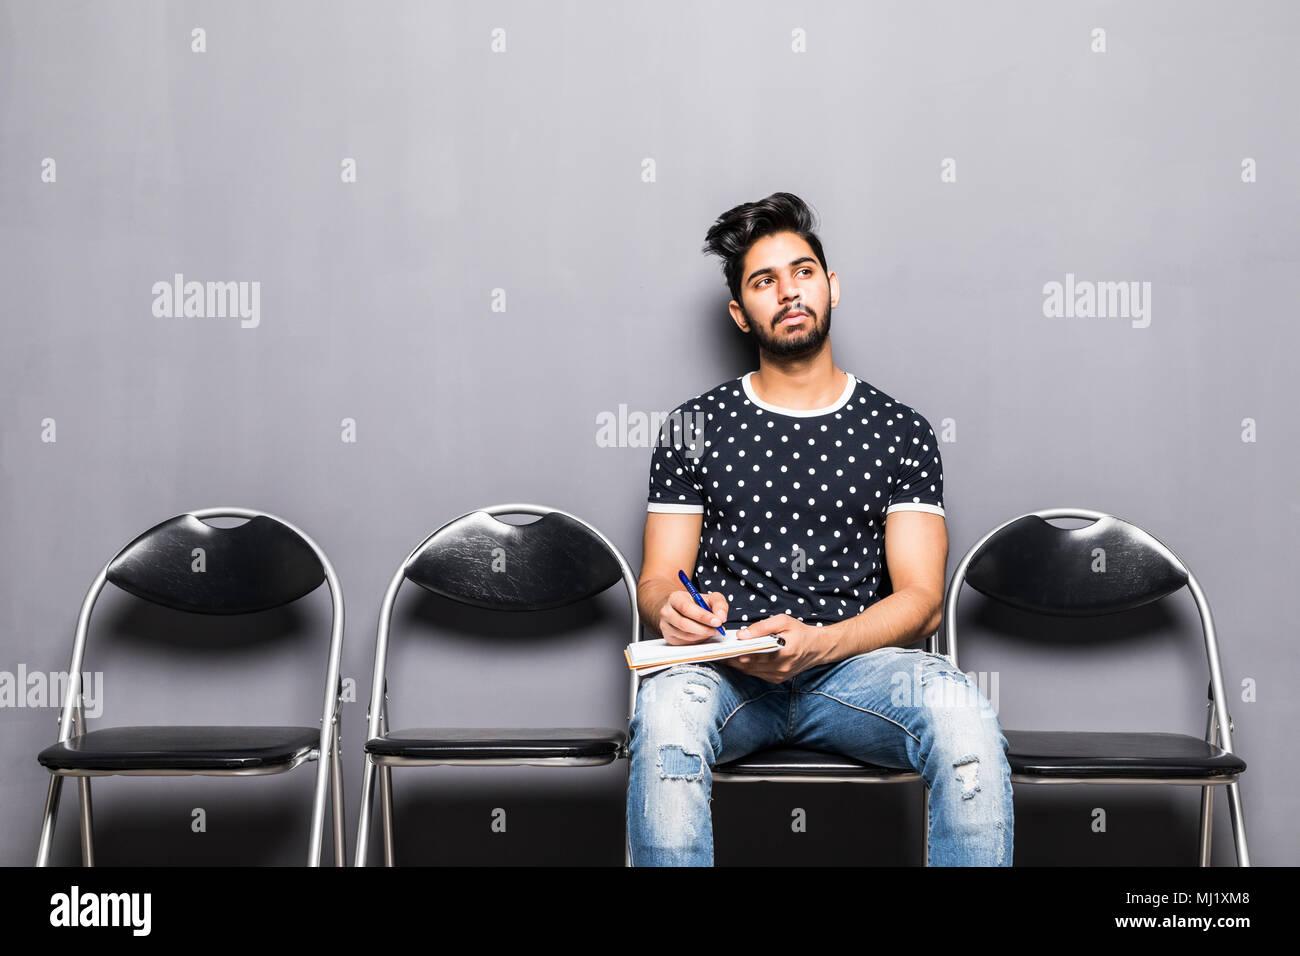 Jeune homme en attente d'entrevue d'emploi dans la salle de réception Photo Stock